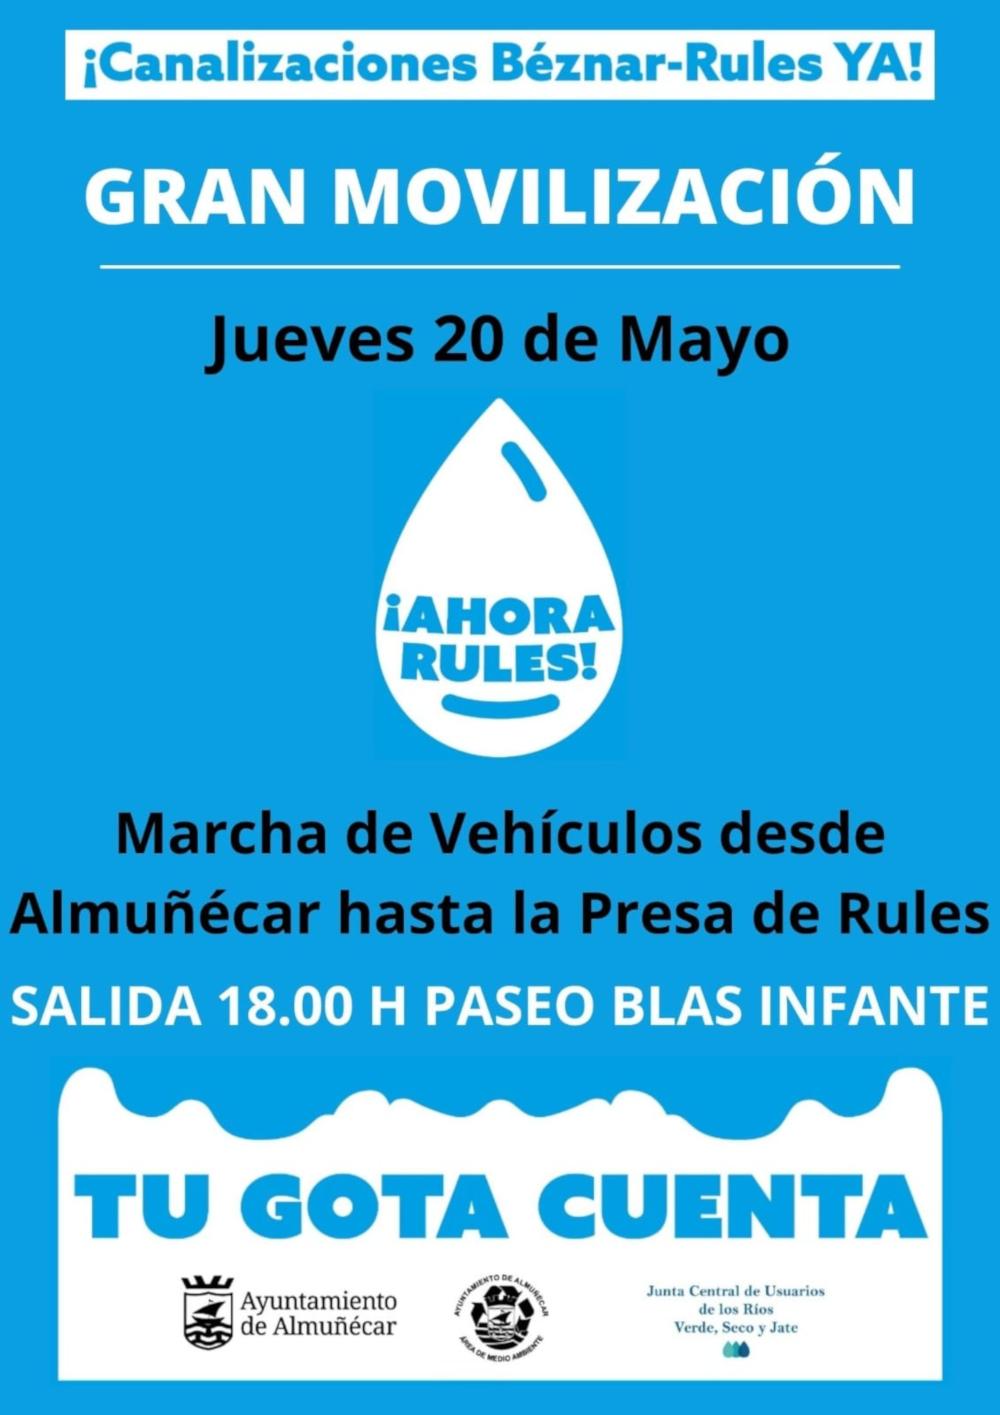 Los regantes de la comarca de Río Verde  y el Ayuntamiento de Almuñécar inician una campaña de movilizaciones por las Canalizaciones de Béznar- Rules